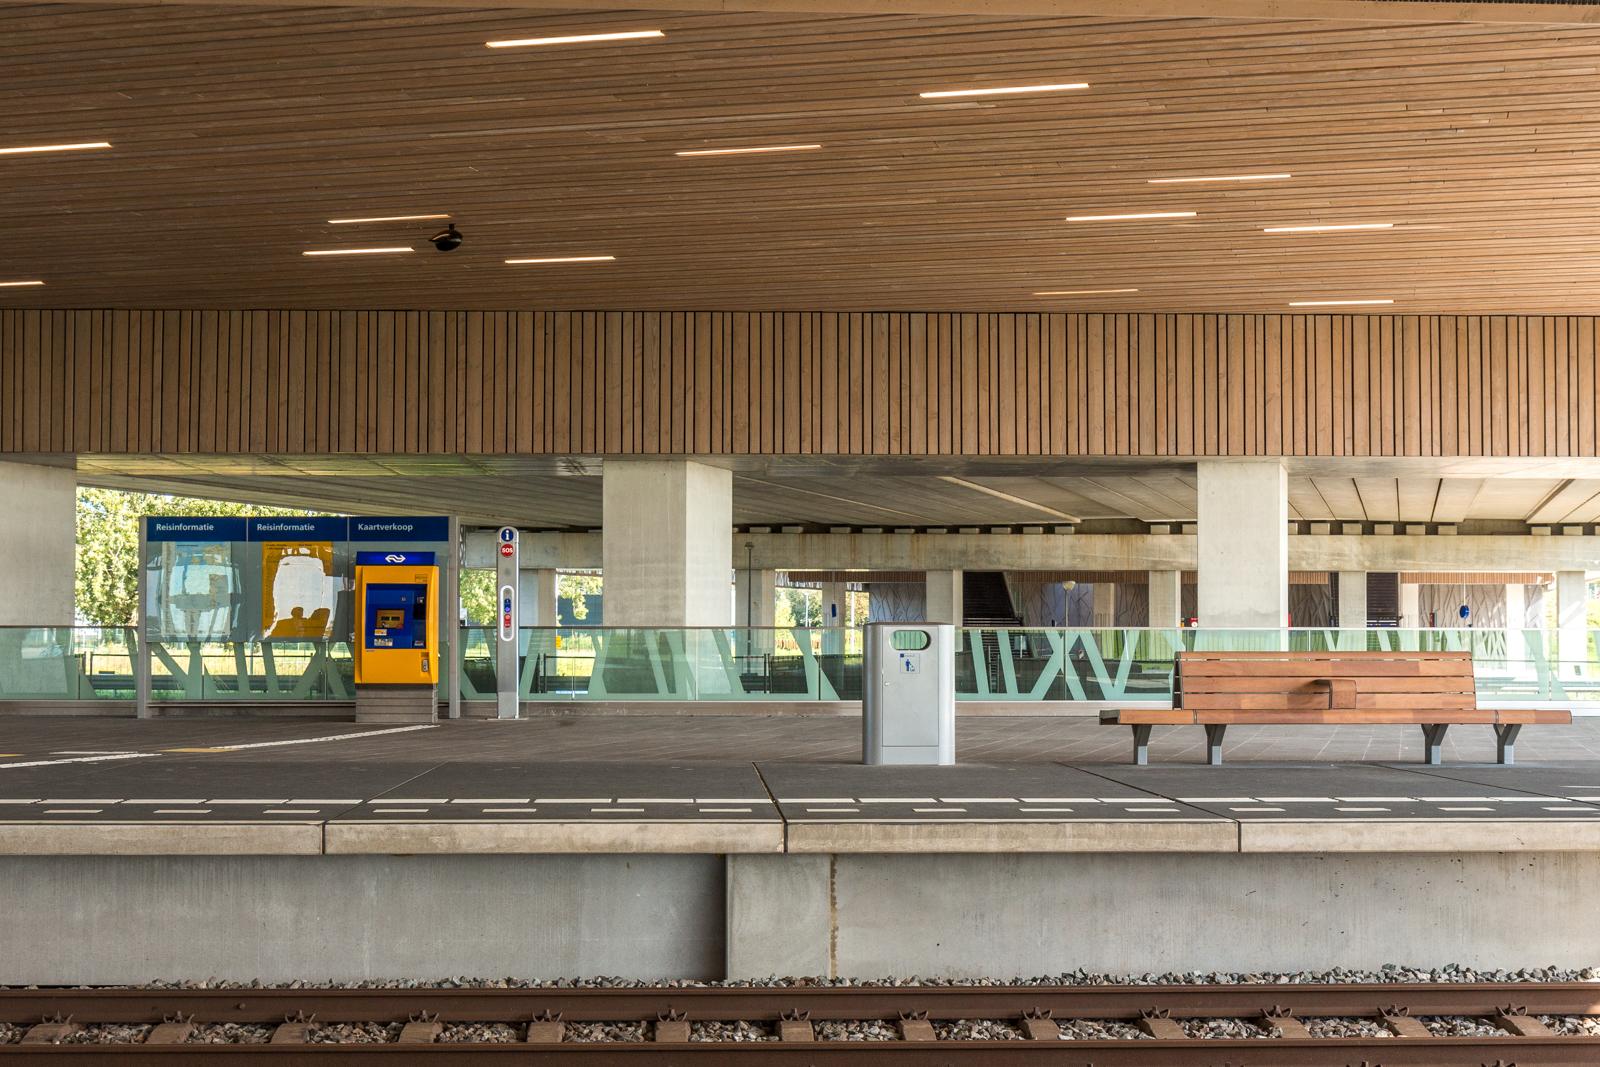 station-lansingerland-zoetermeer-7313